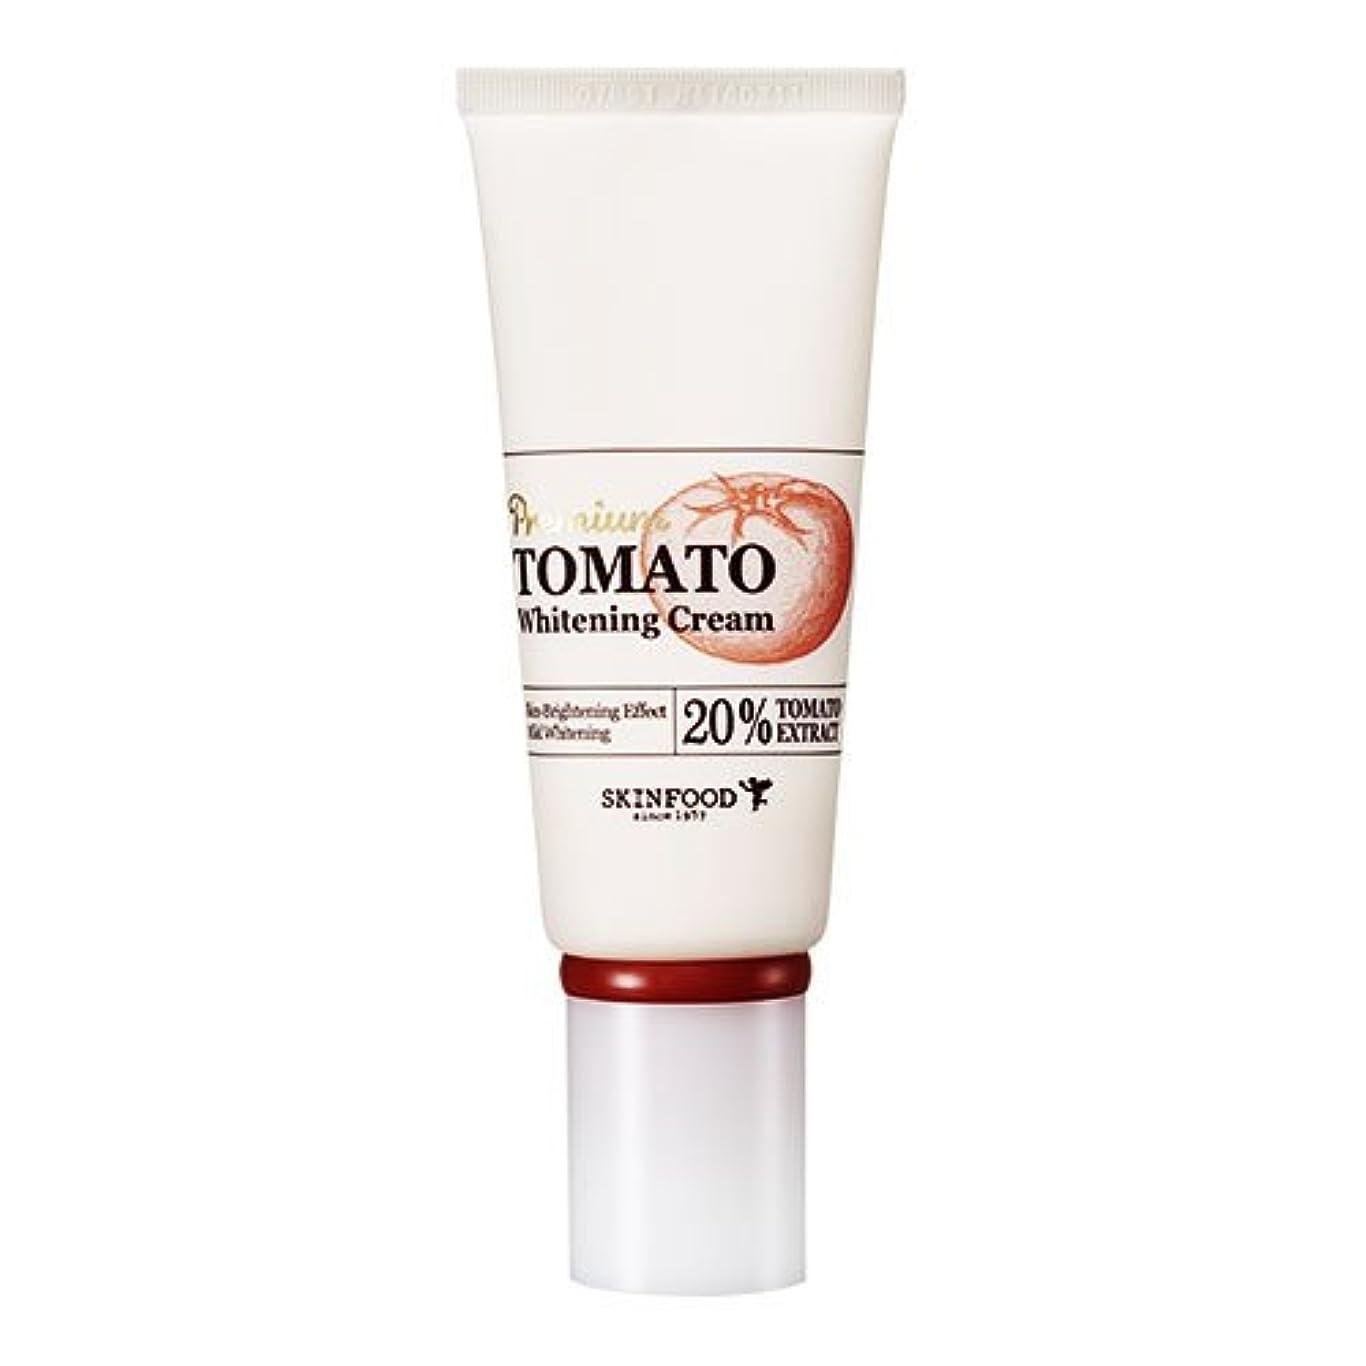 佐賀コレクションずっとSkinfood プレミアムトマトホワイトニングクリーム(美白効果) / Premium Tomato Whitening Cream (Skin-Brightening Effect) 50g [並行輸入品]